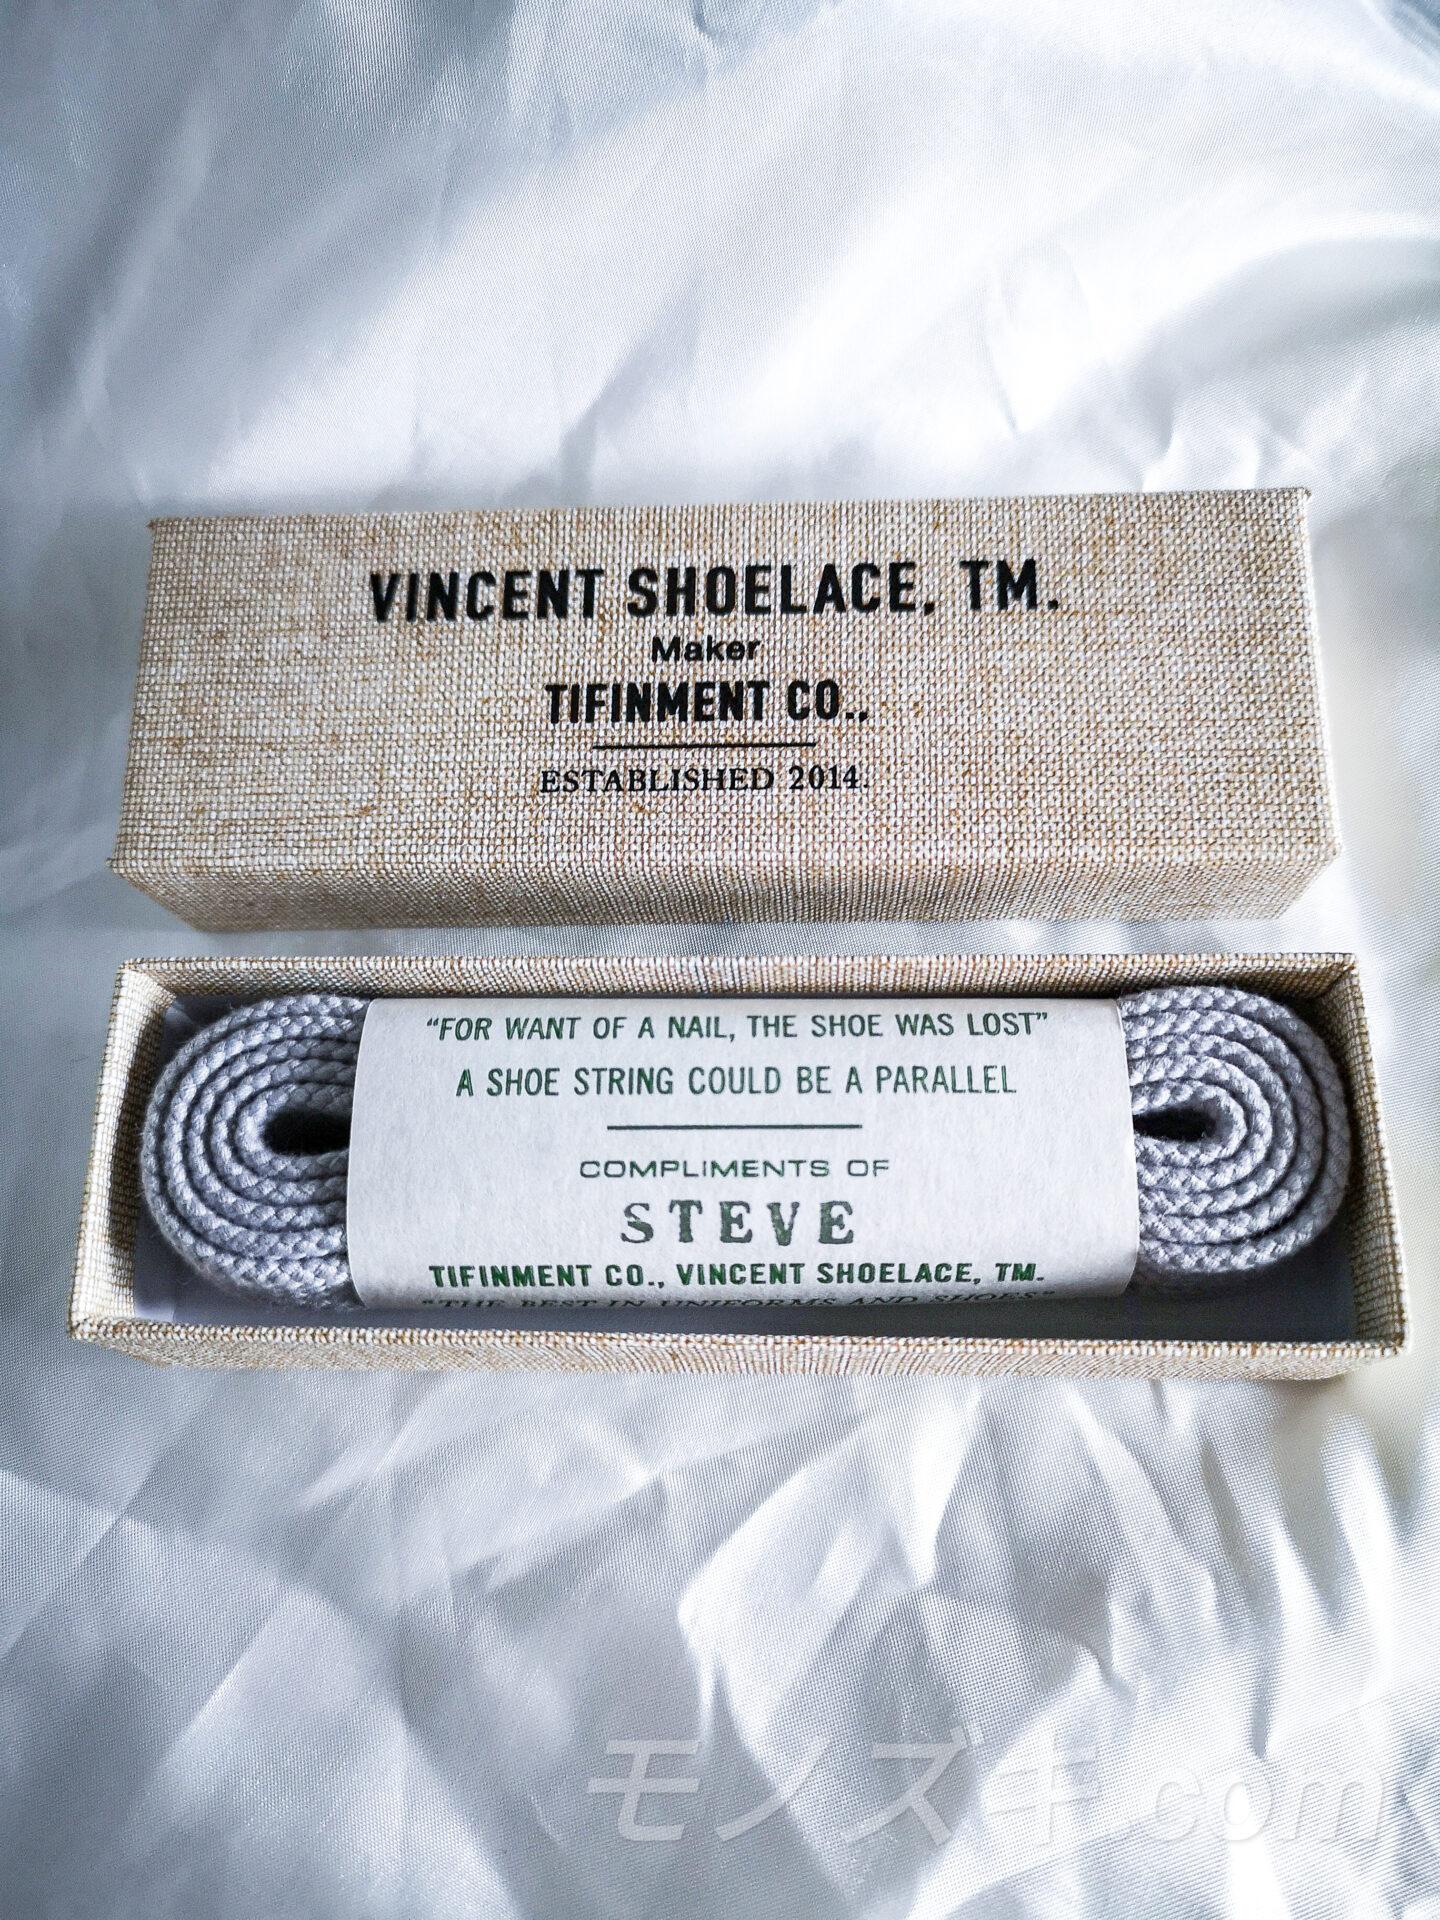 VINCENTSHOELACE Steve